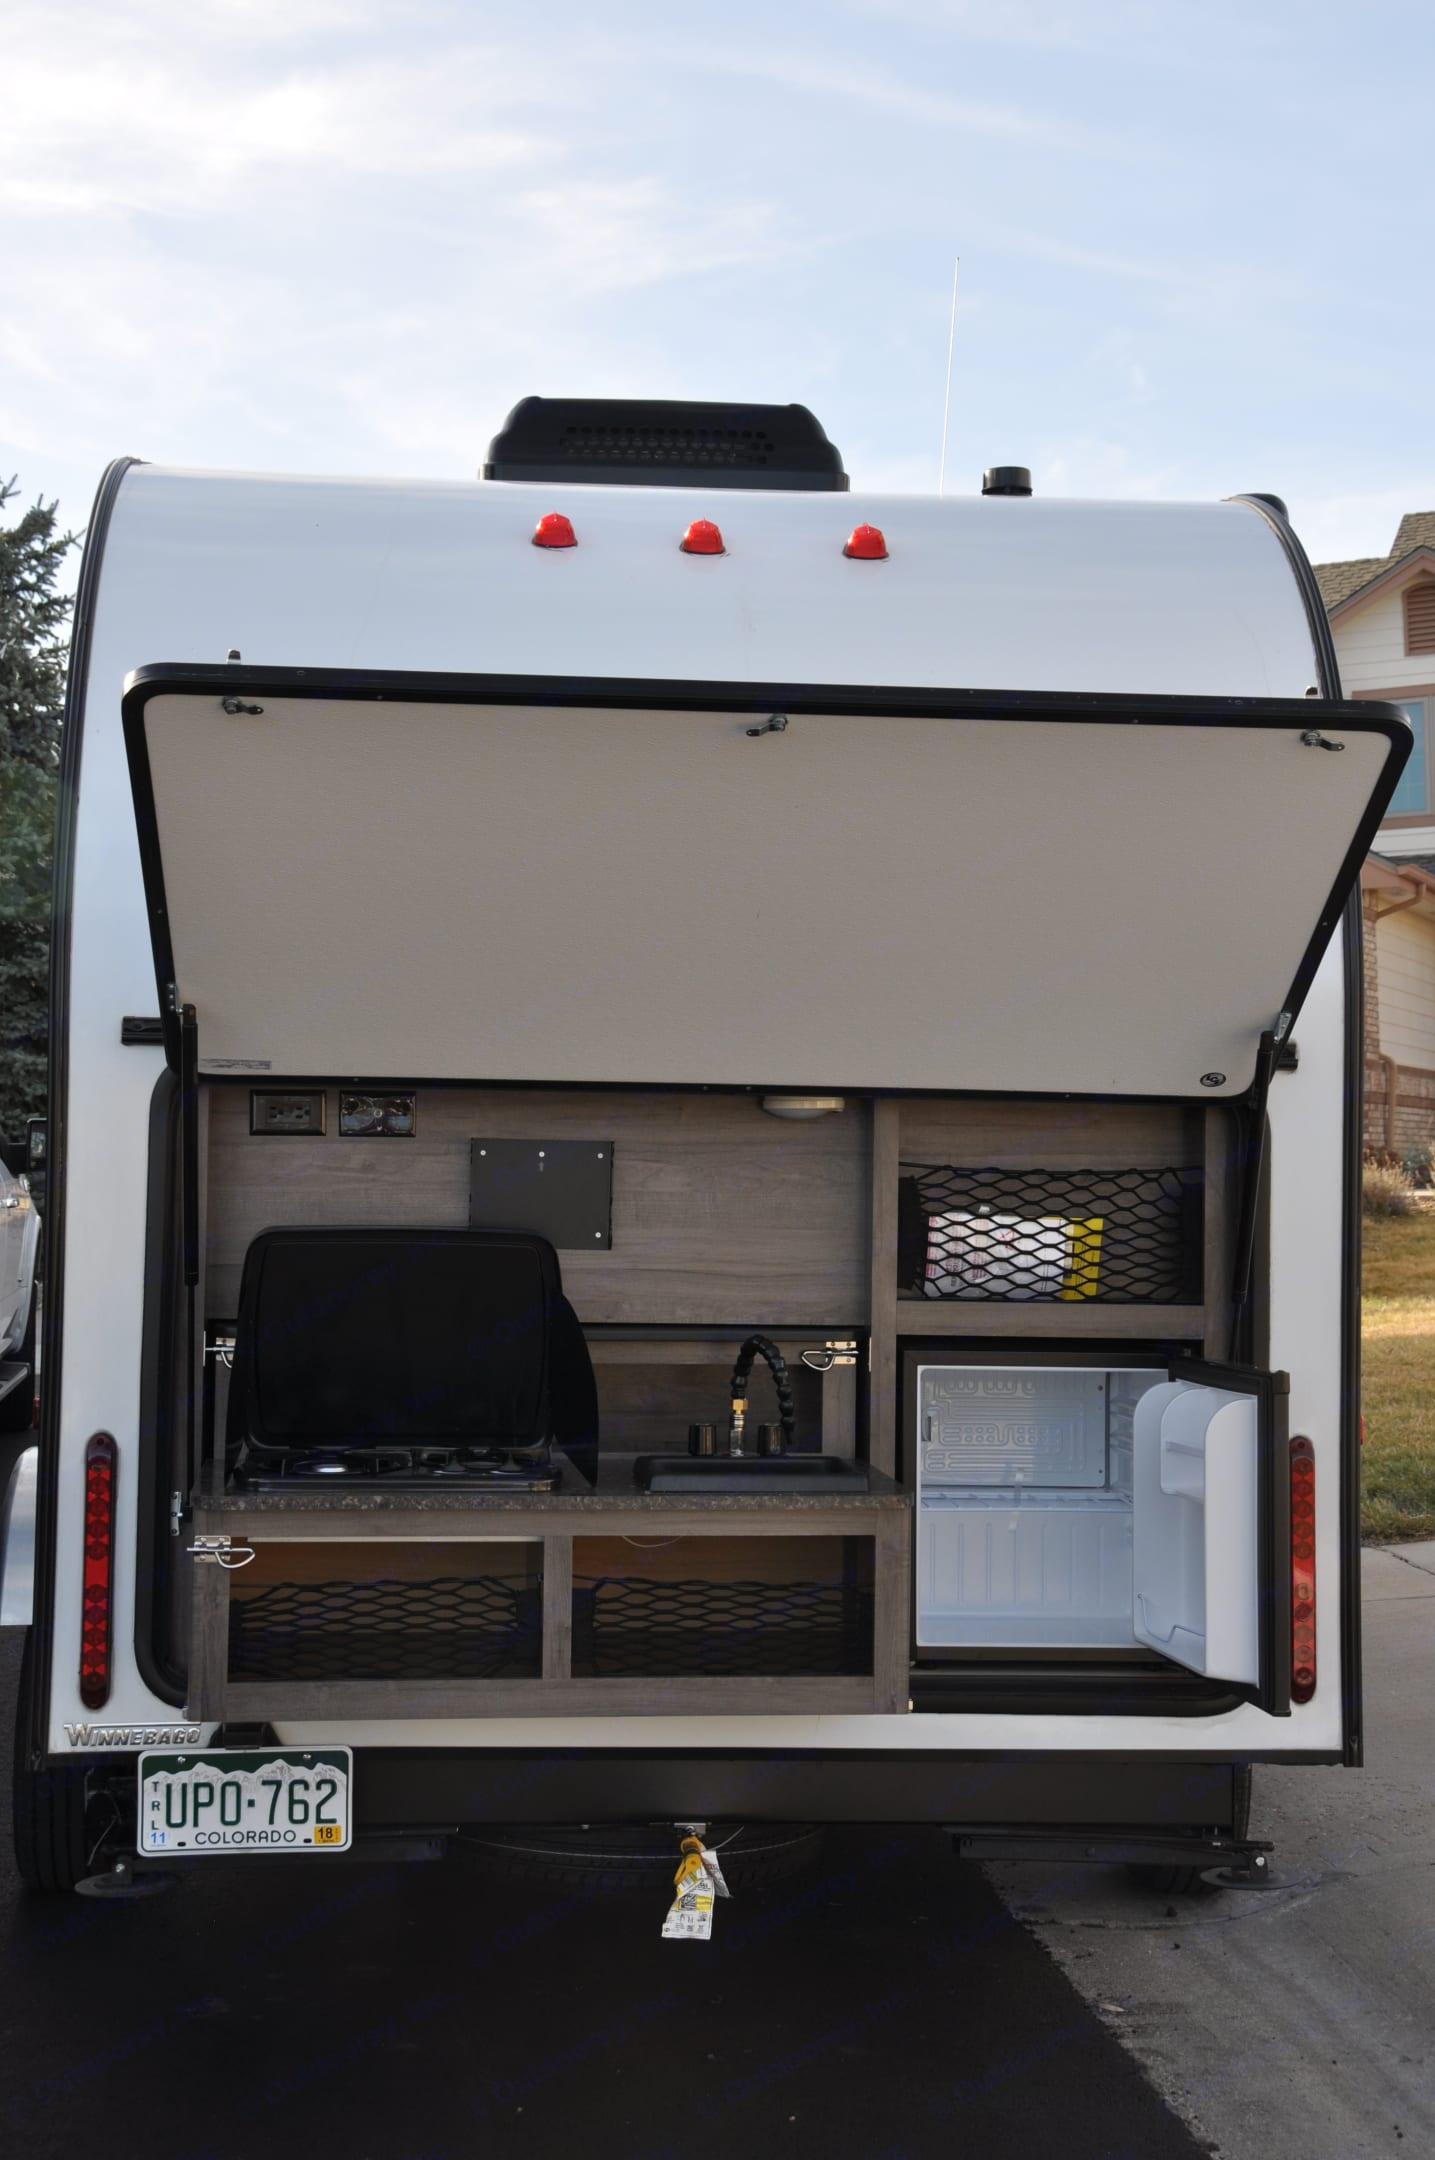 Outdoor kitchen w/2 burner cooktop, microwave, refrigerator, sink and storage. Winnebago Winnie Drop 170K 2017